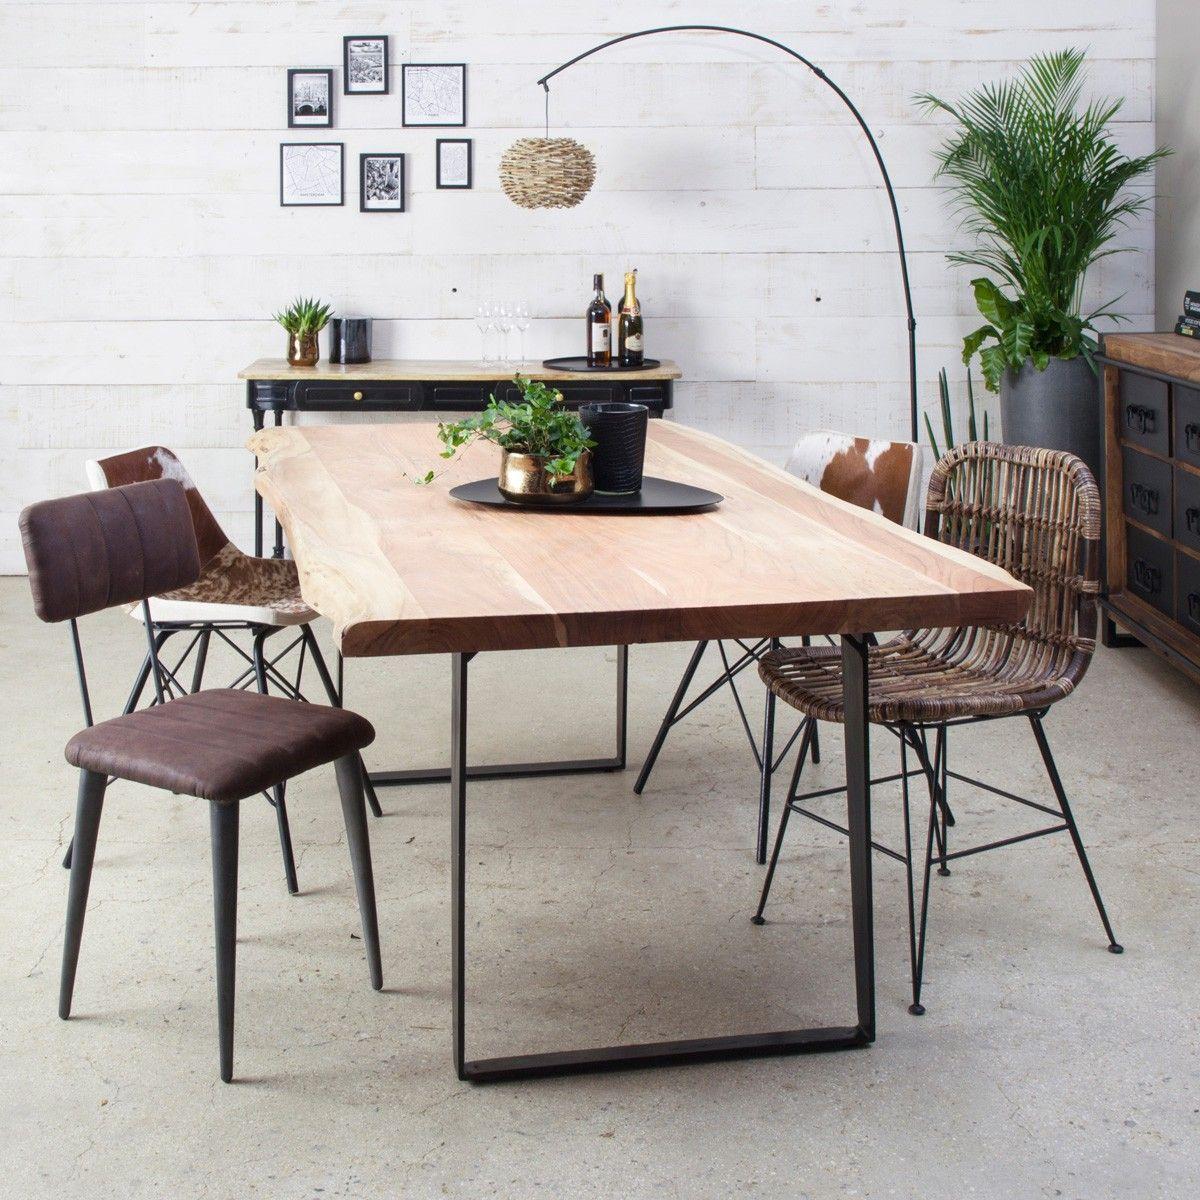 Table A Manger Bois Massif Tronc D Arbre Pieds Metal Table A